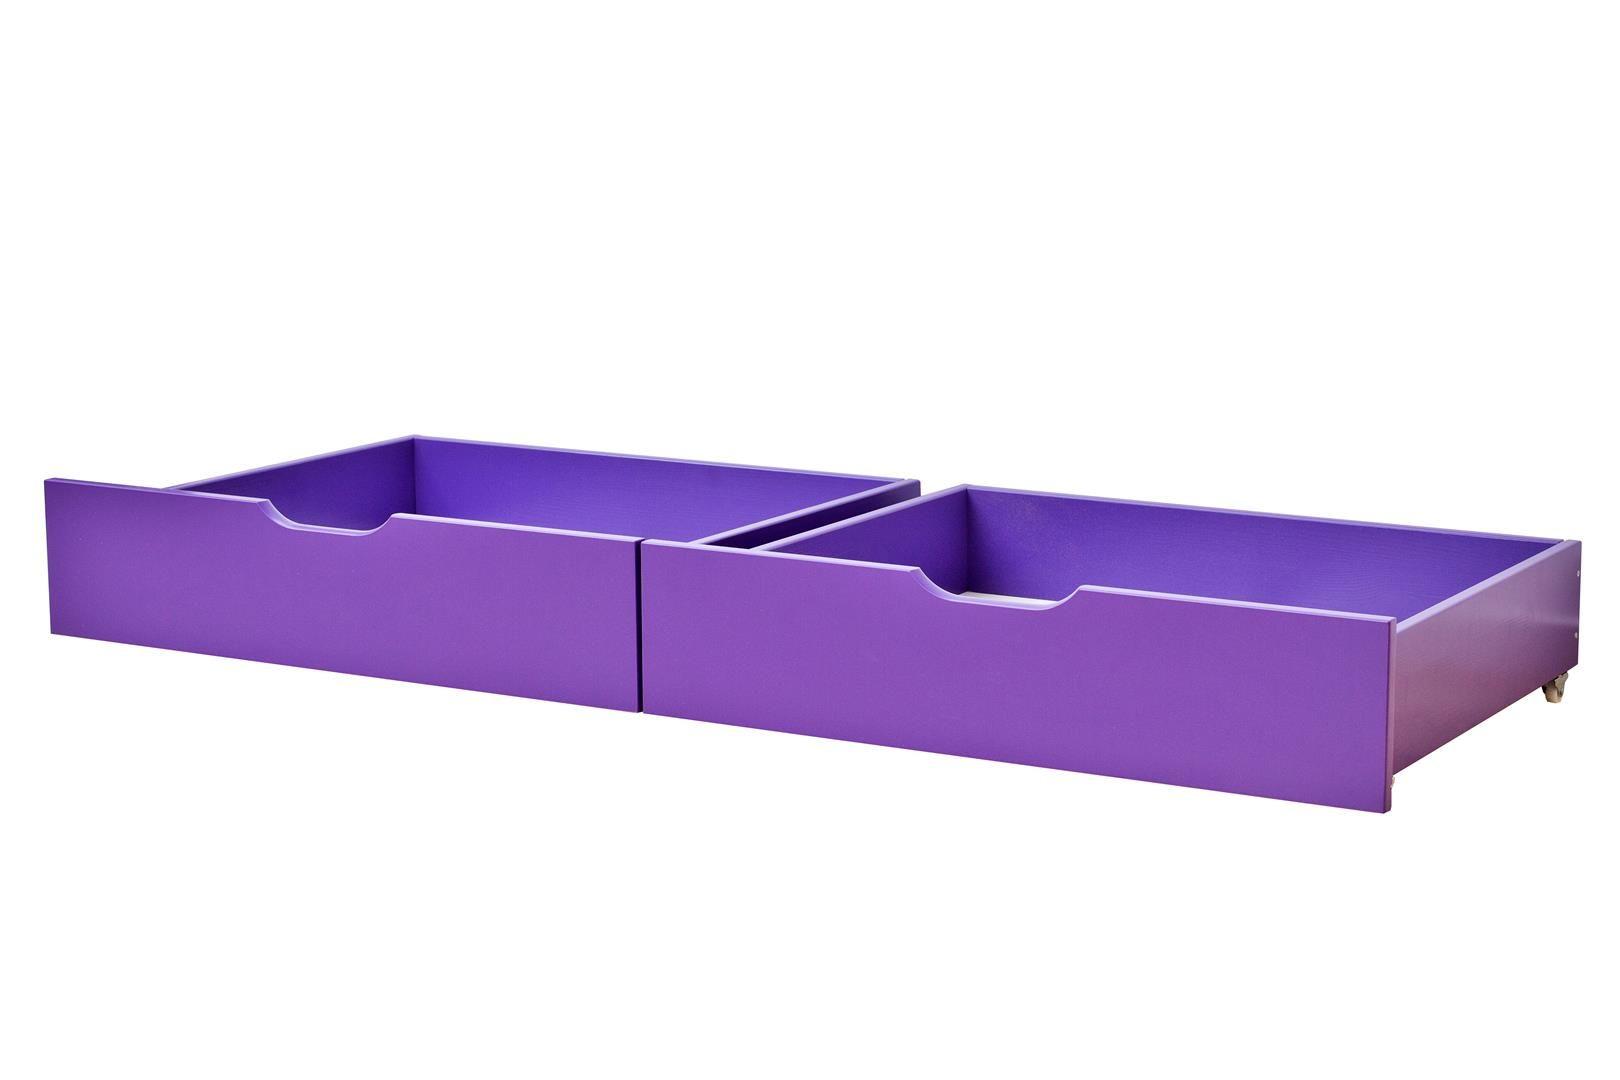 Sengeskuffesæt fra Hoppekids - Purple (182x60)